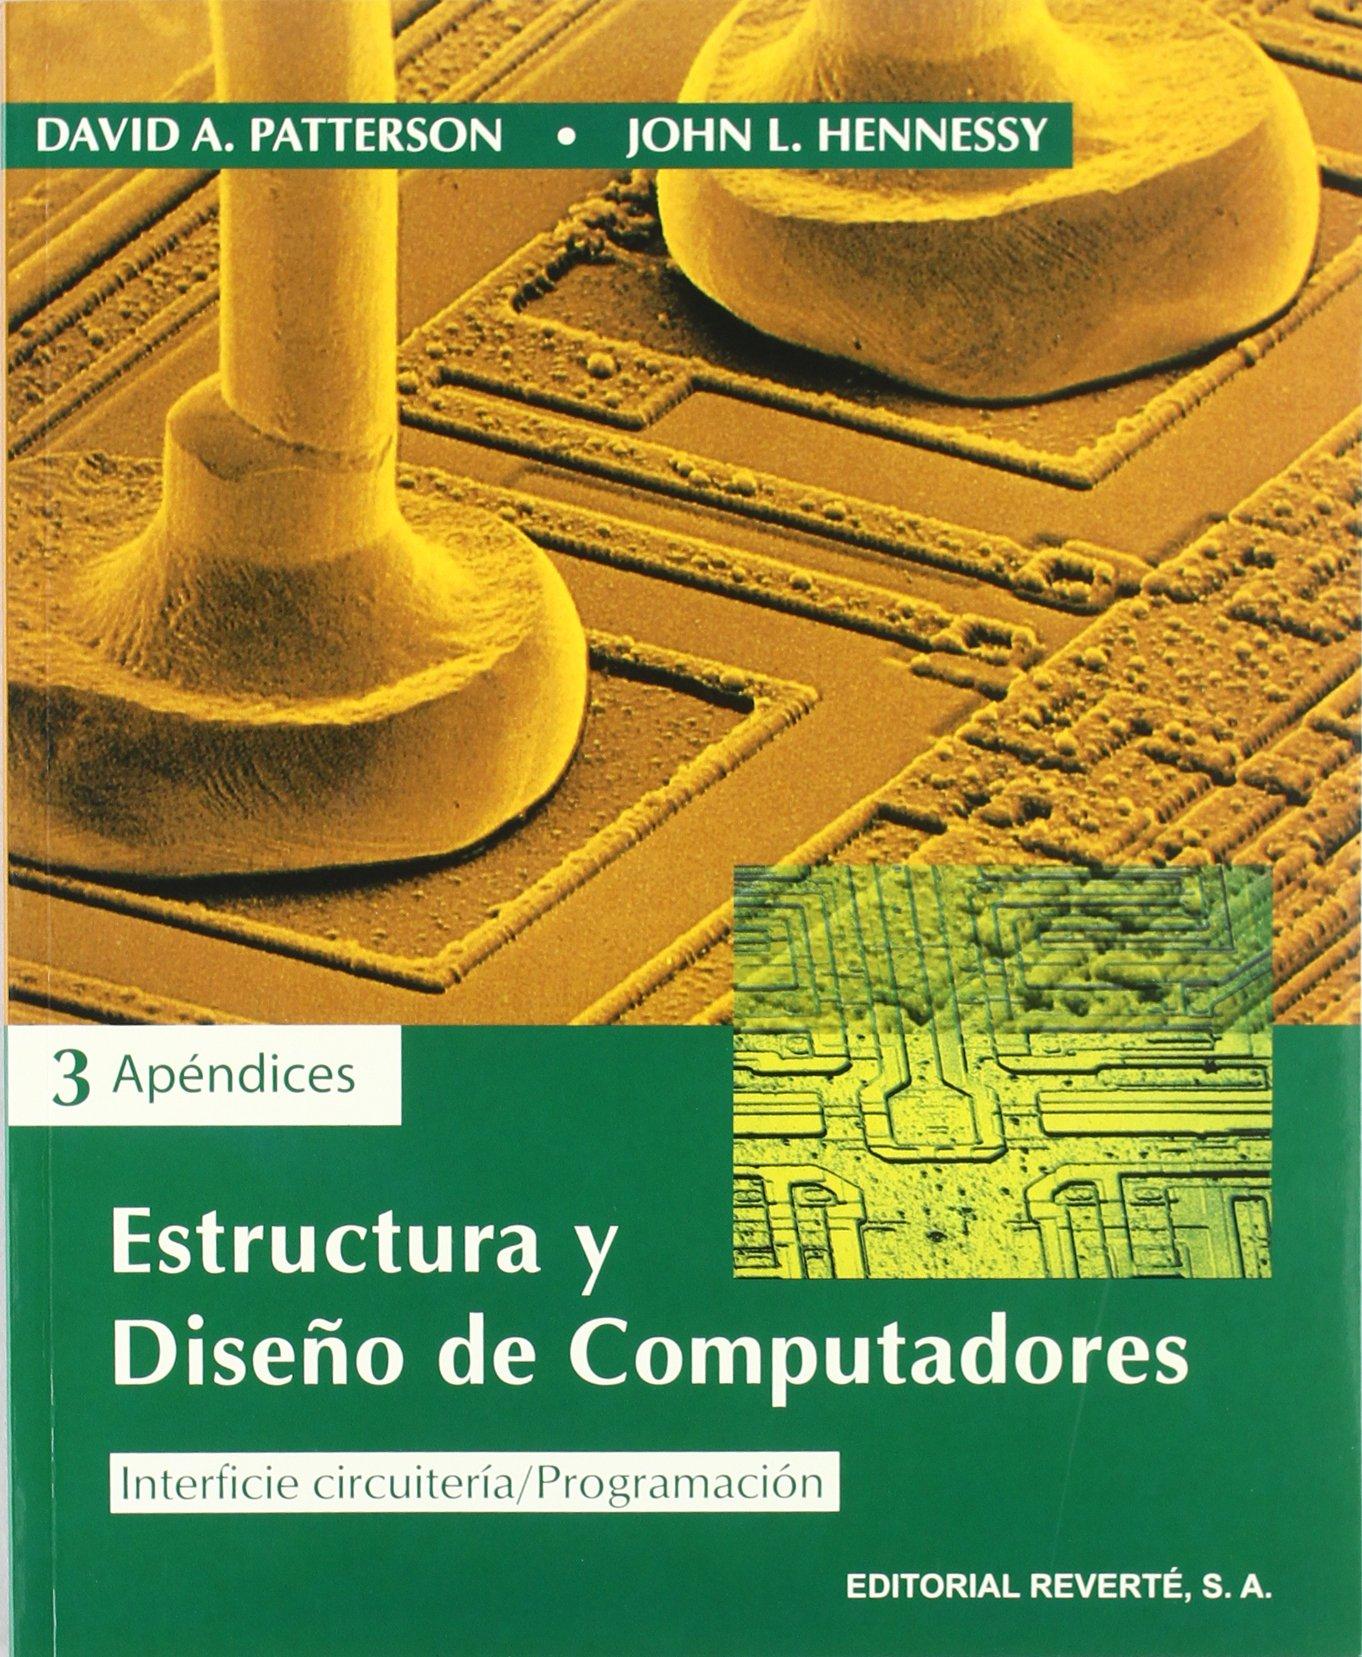 estructura y diseño de computadores patterson pdf descargar